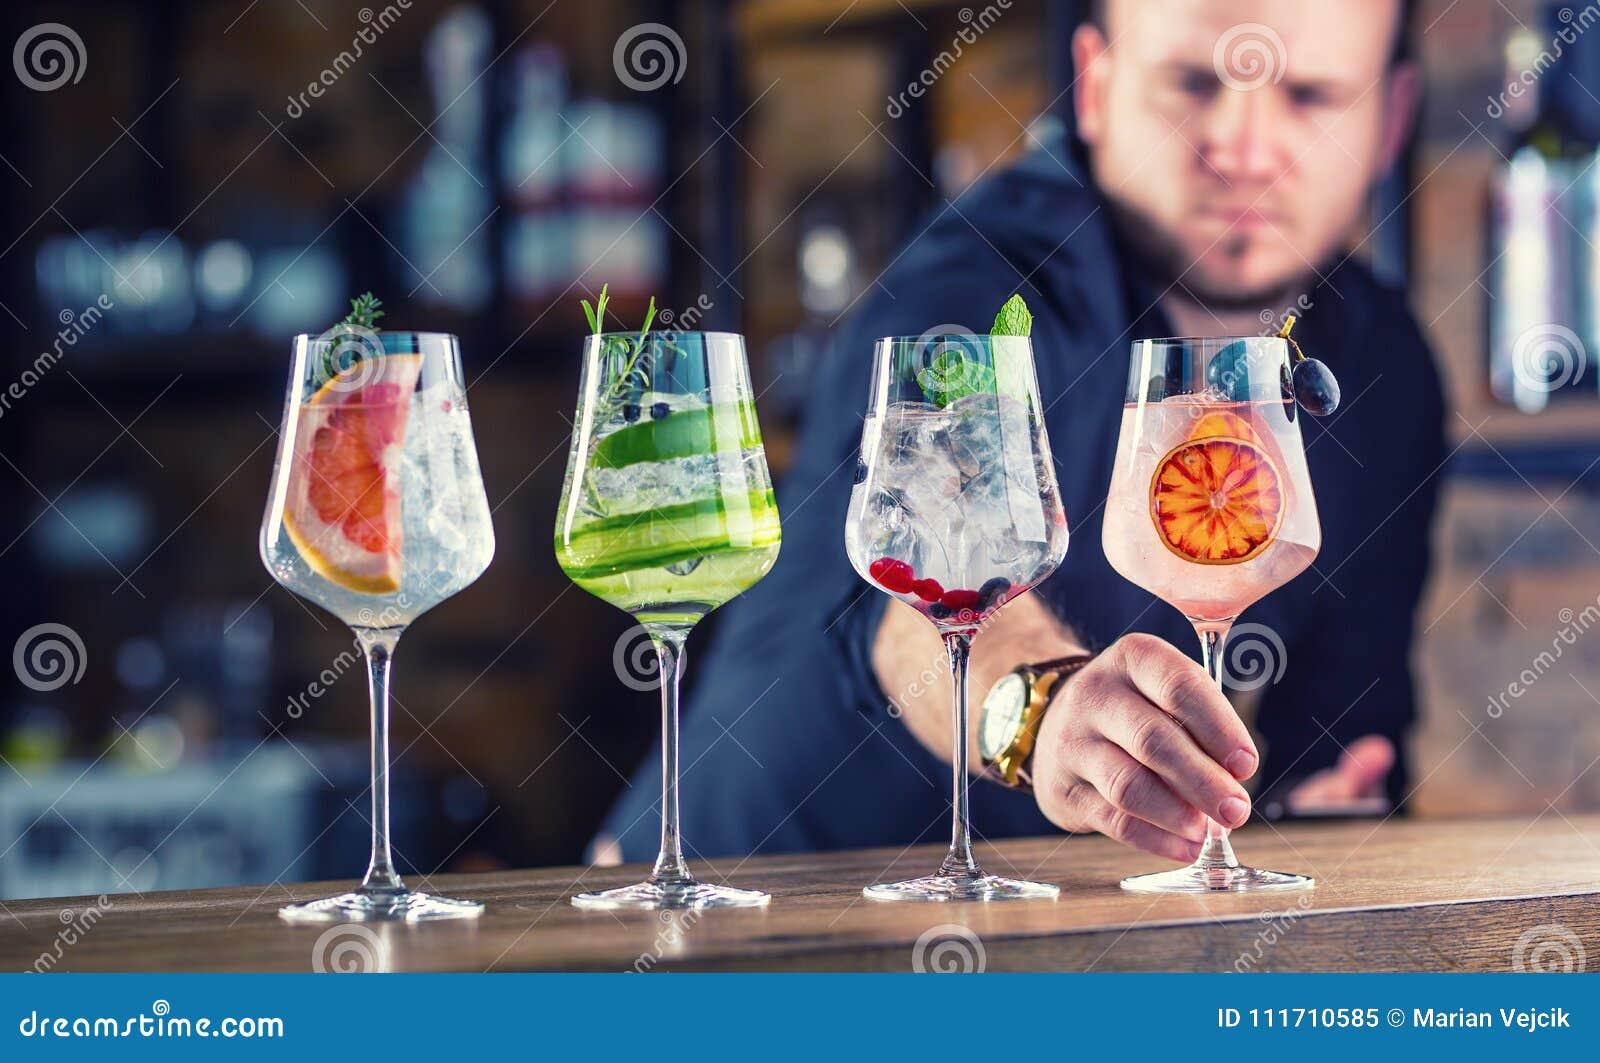 男服务员在准备杜松子酒补剂鸡尾酒drin的客栈或餐馆